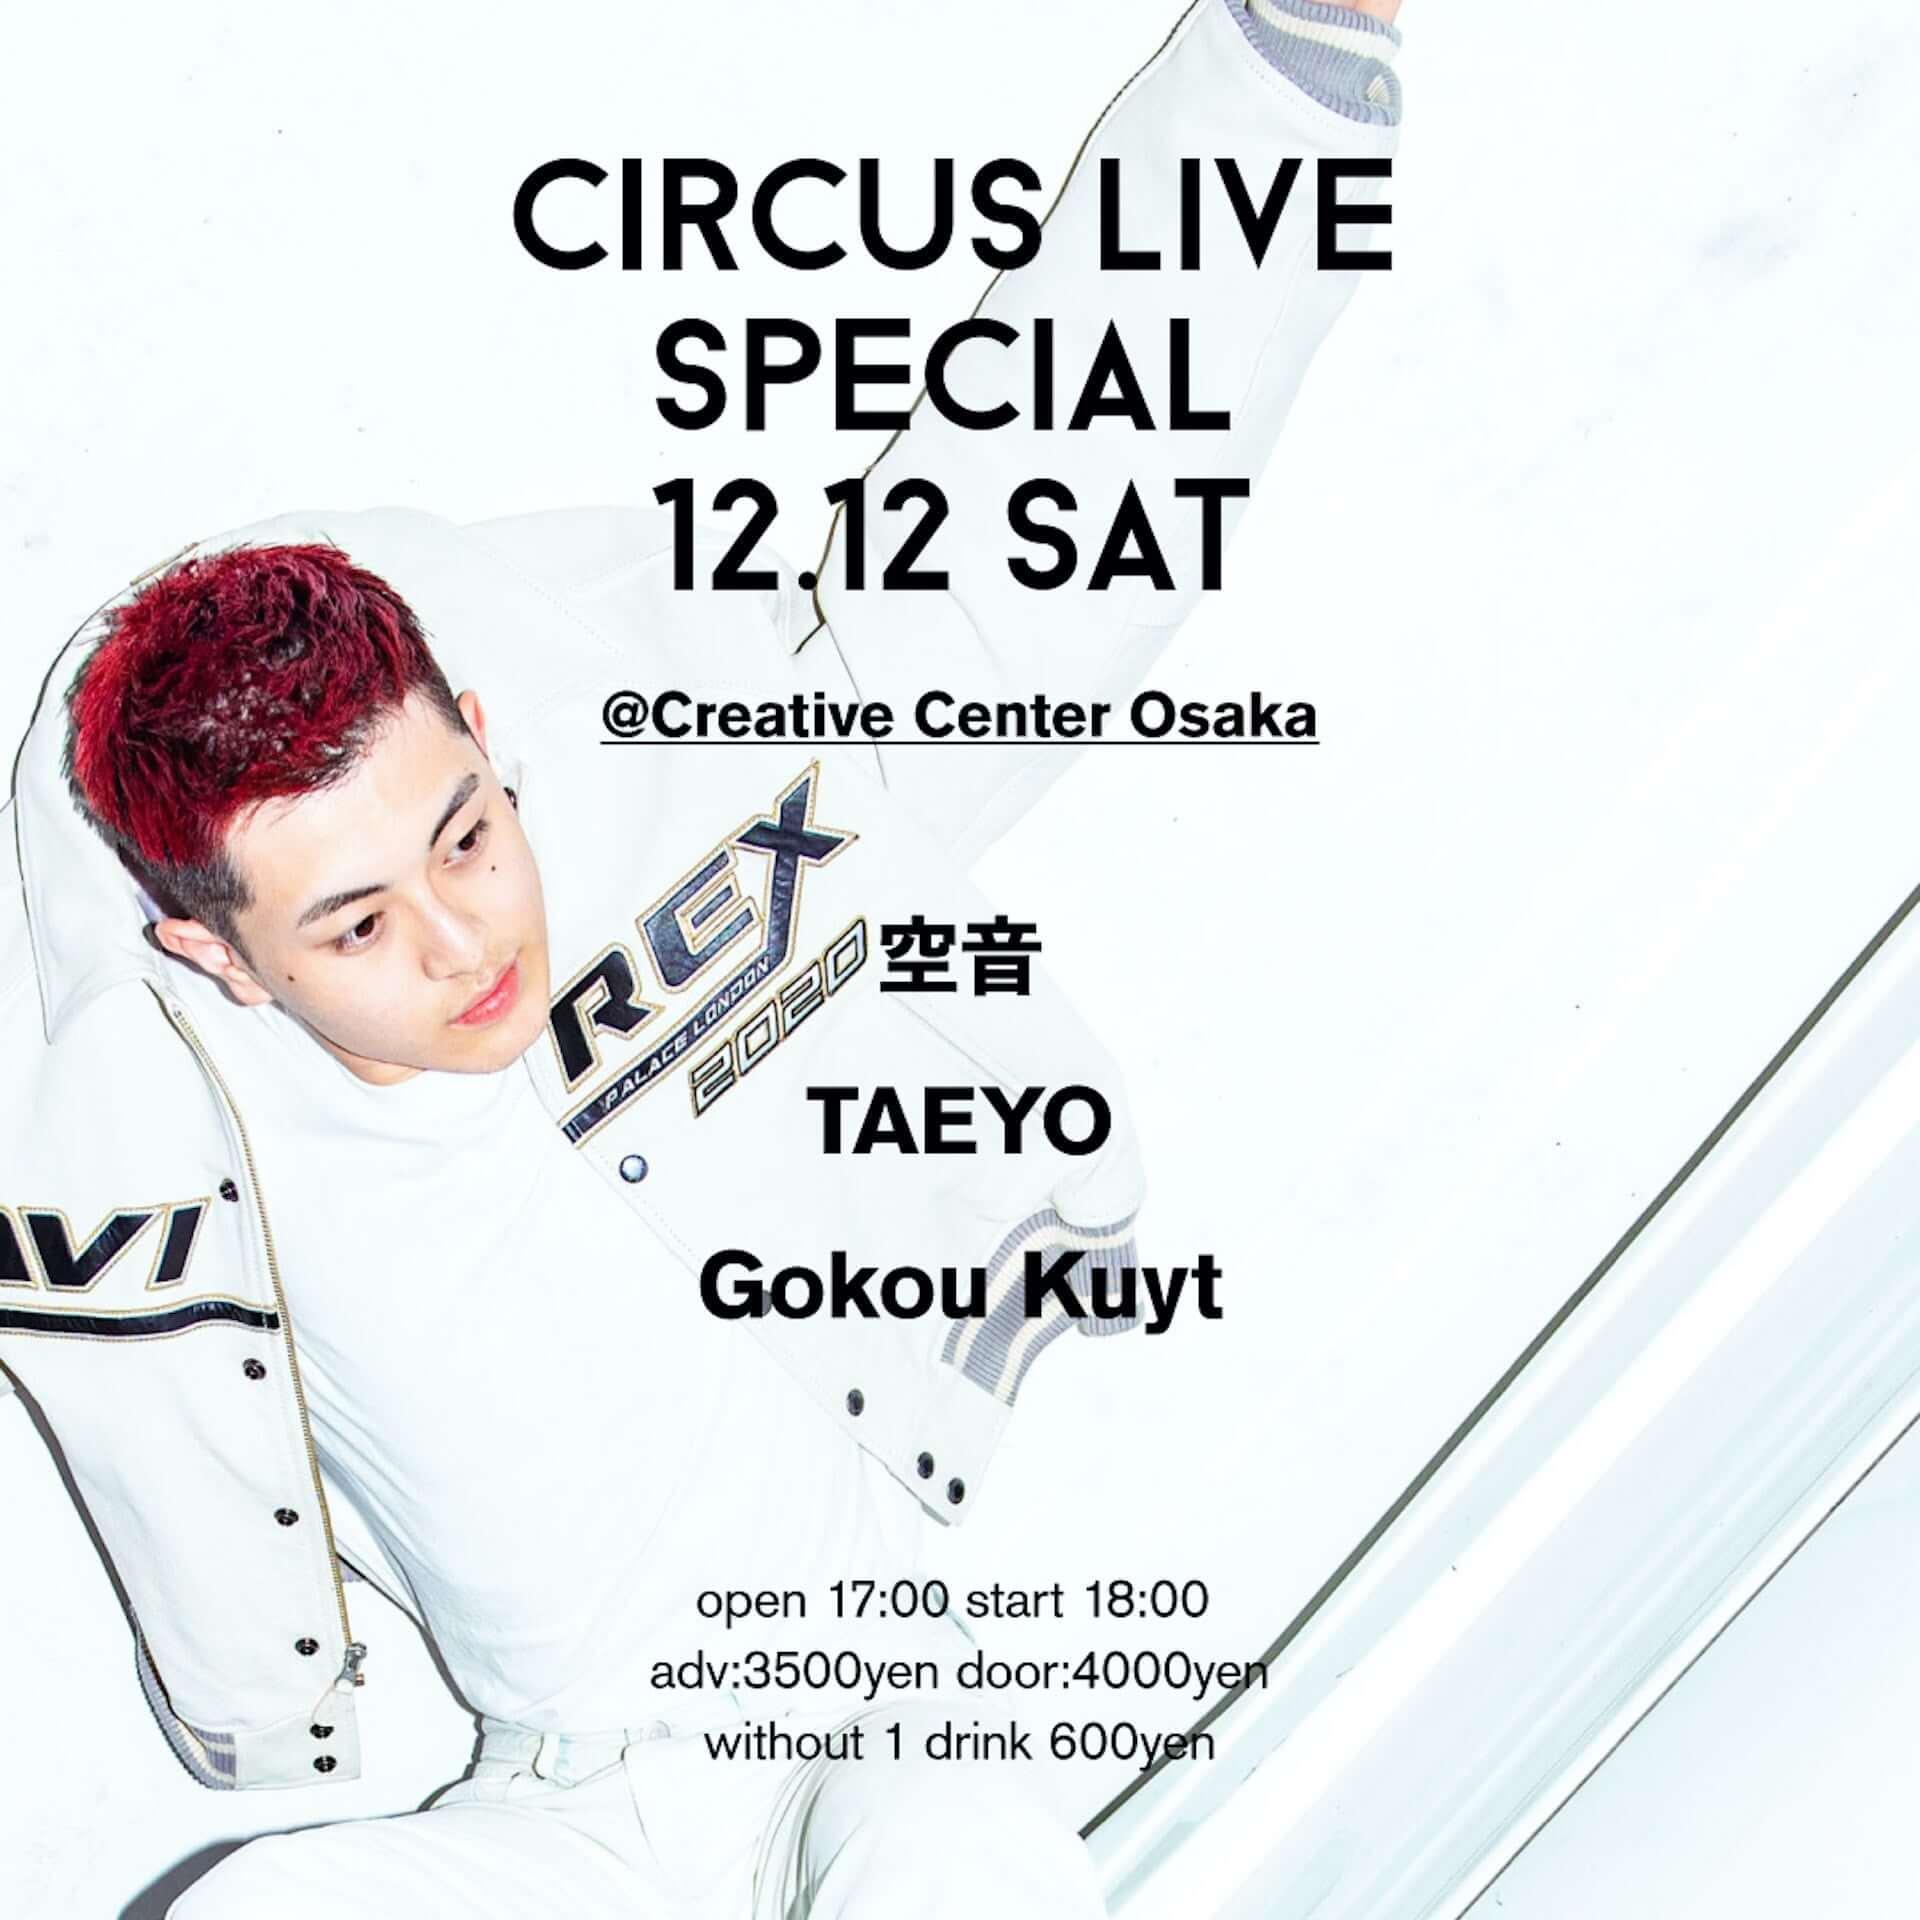 空音、TAEYO、Gokou Kuytによるスリーマンライブがクリエイティブセンター大阪で開催決定!先行先着チケットも発売 music201109_circus-live_3-1920x1920